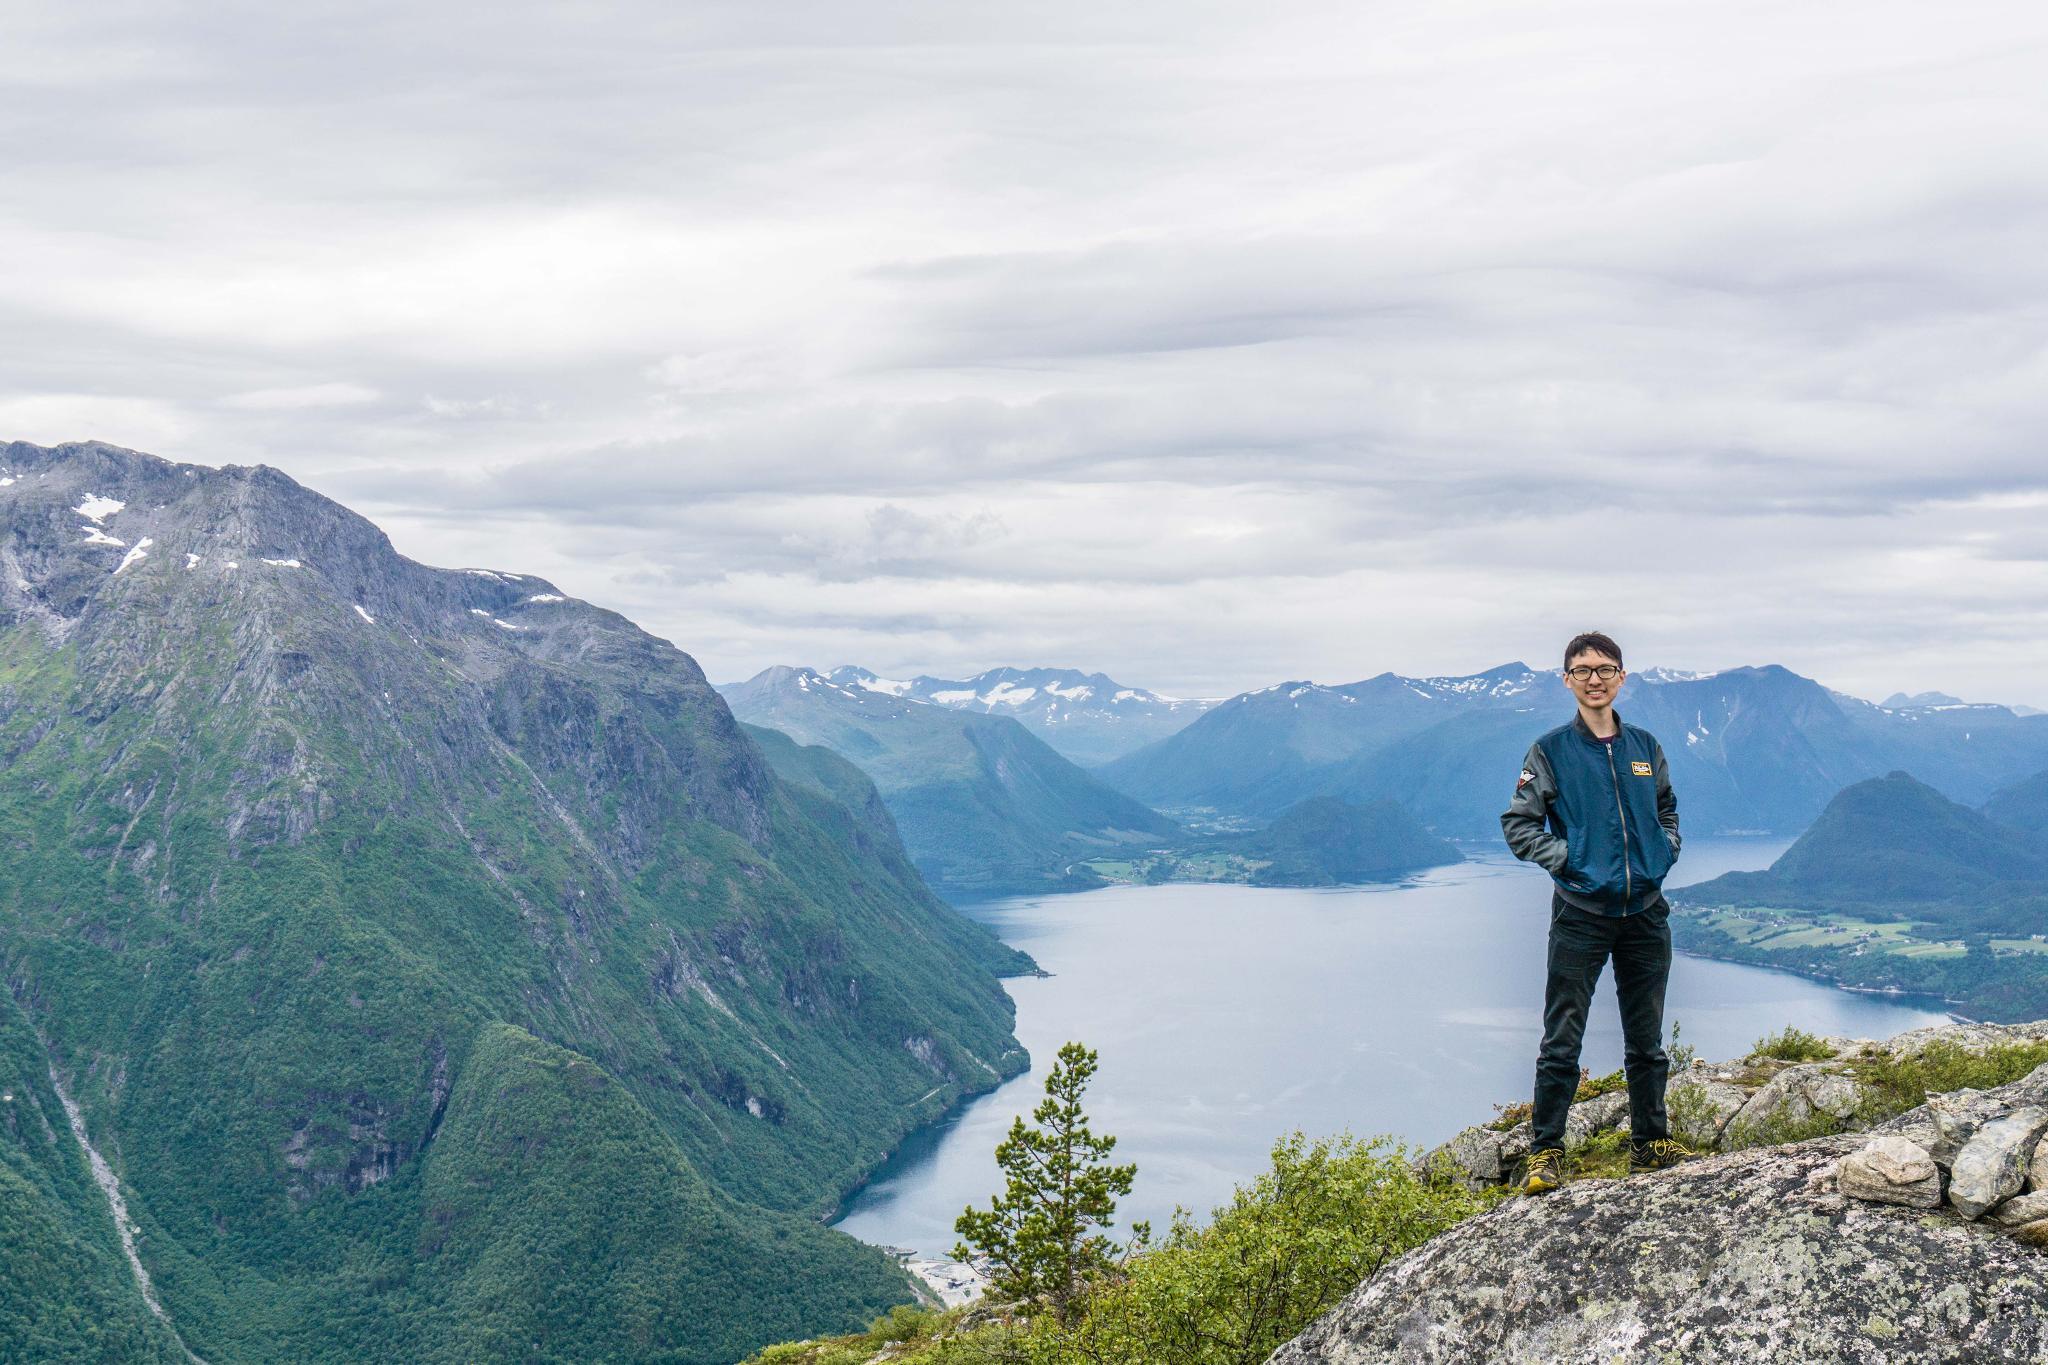 【北歐景點】峽灣區起點Åndalsnes健行 - 鳥瞰峽灣全景的Rampestreken觀景台 37